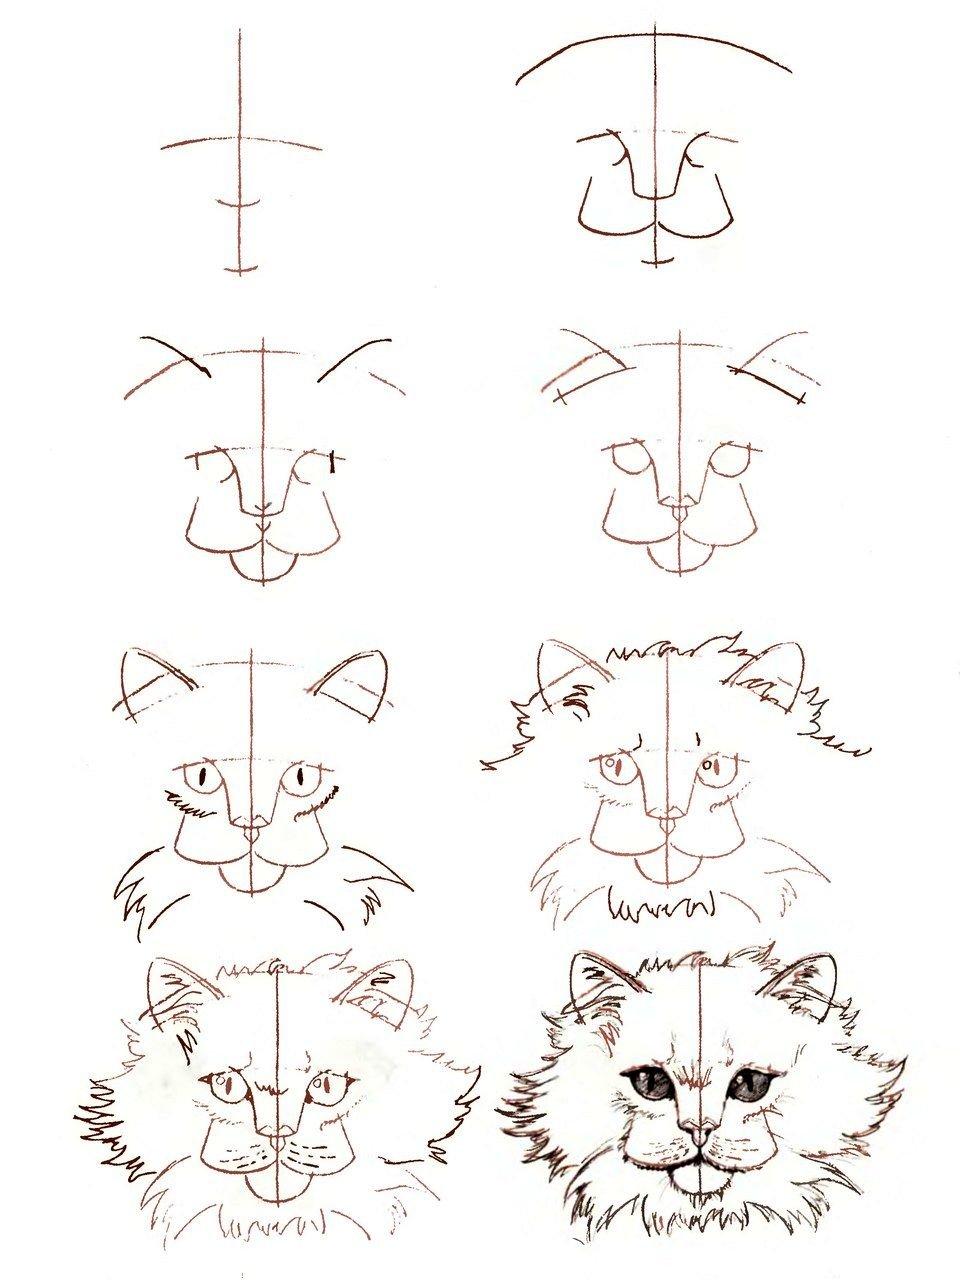 Картинки которые можно нарисовать карандашом для начинающих, картинки